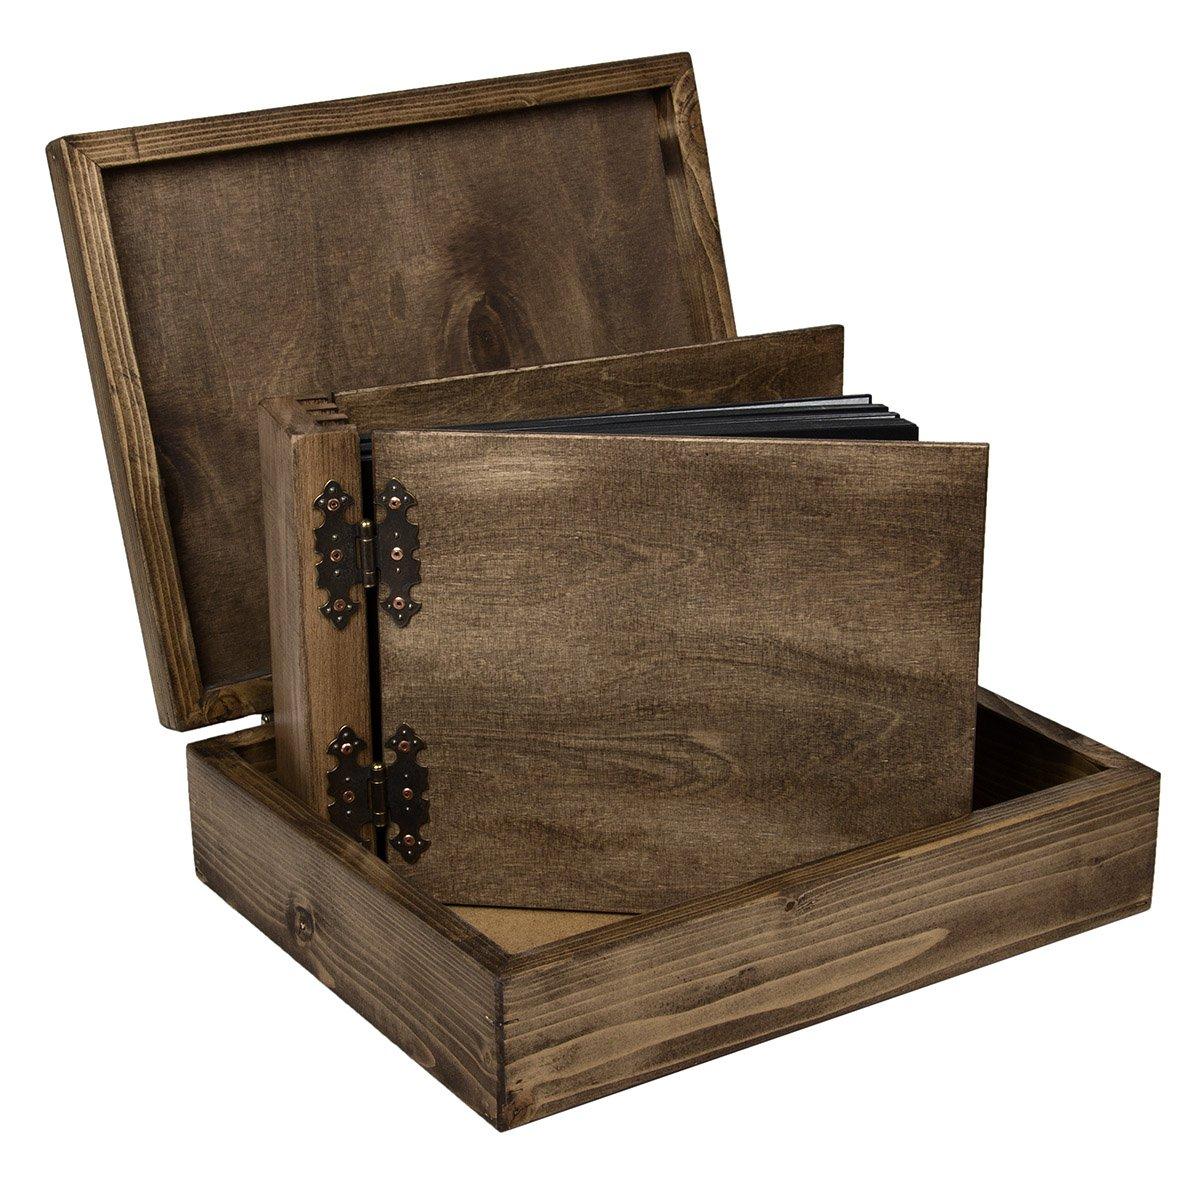 Bien connu Aldecor - Cofanetto in legno per album fotografici, misura 4  SE04